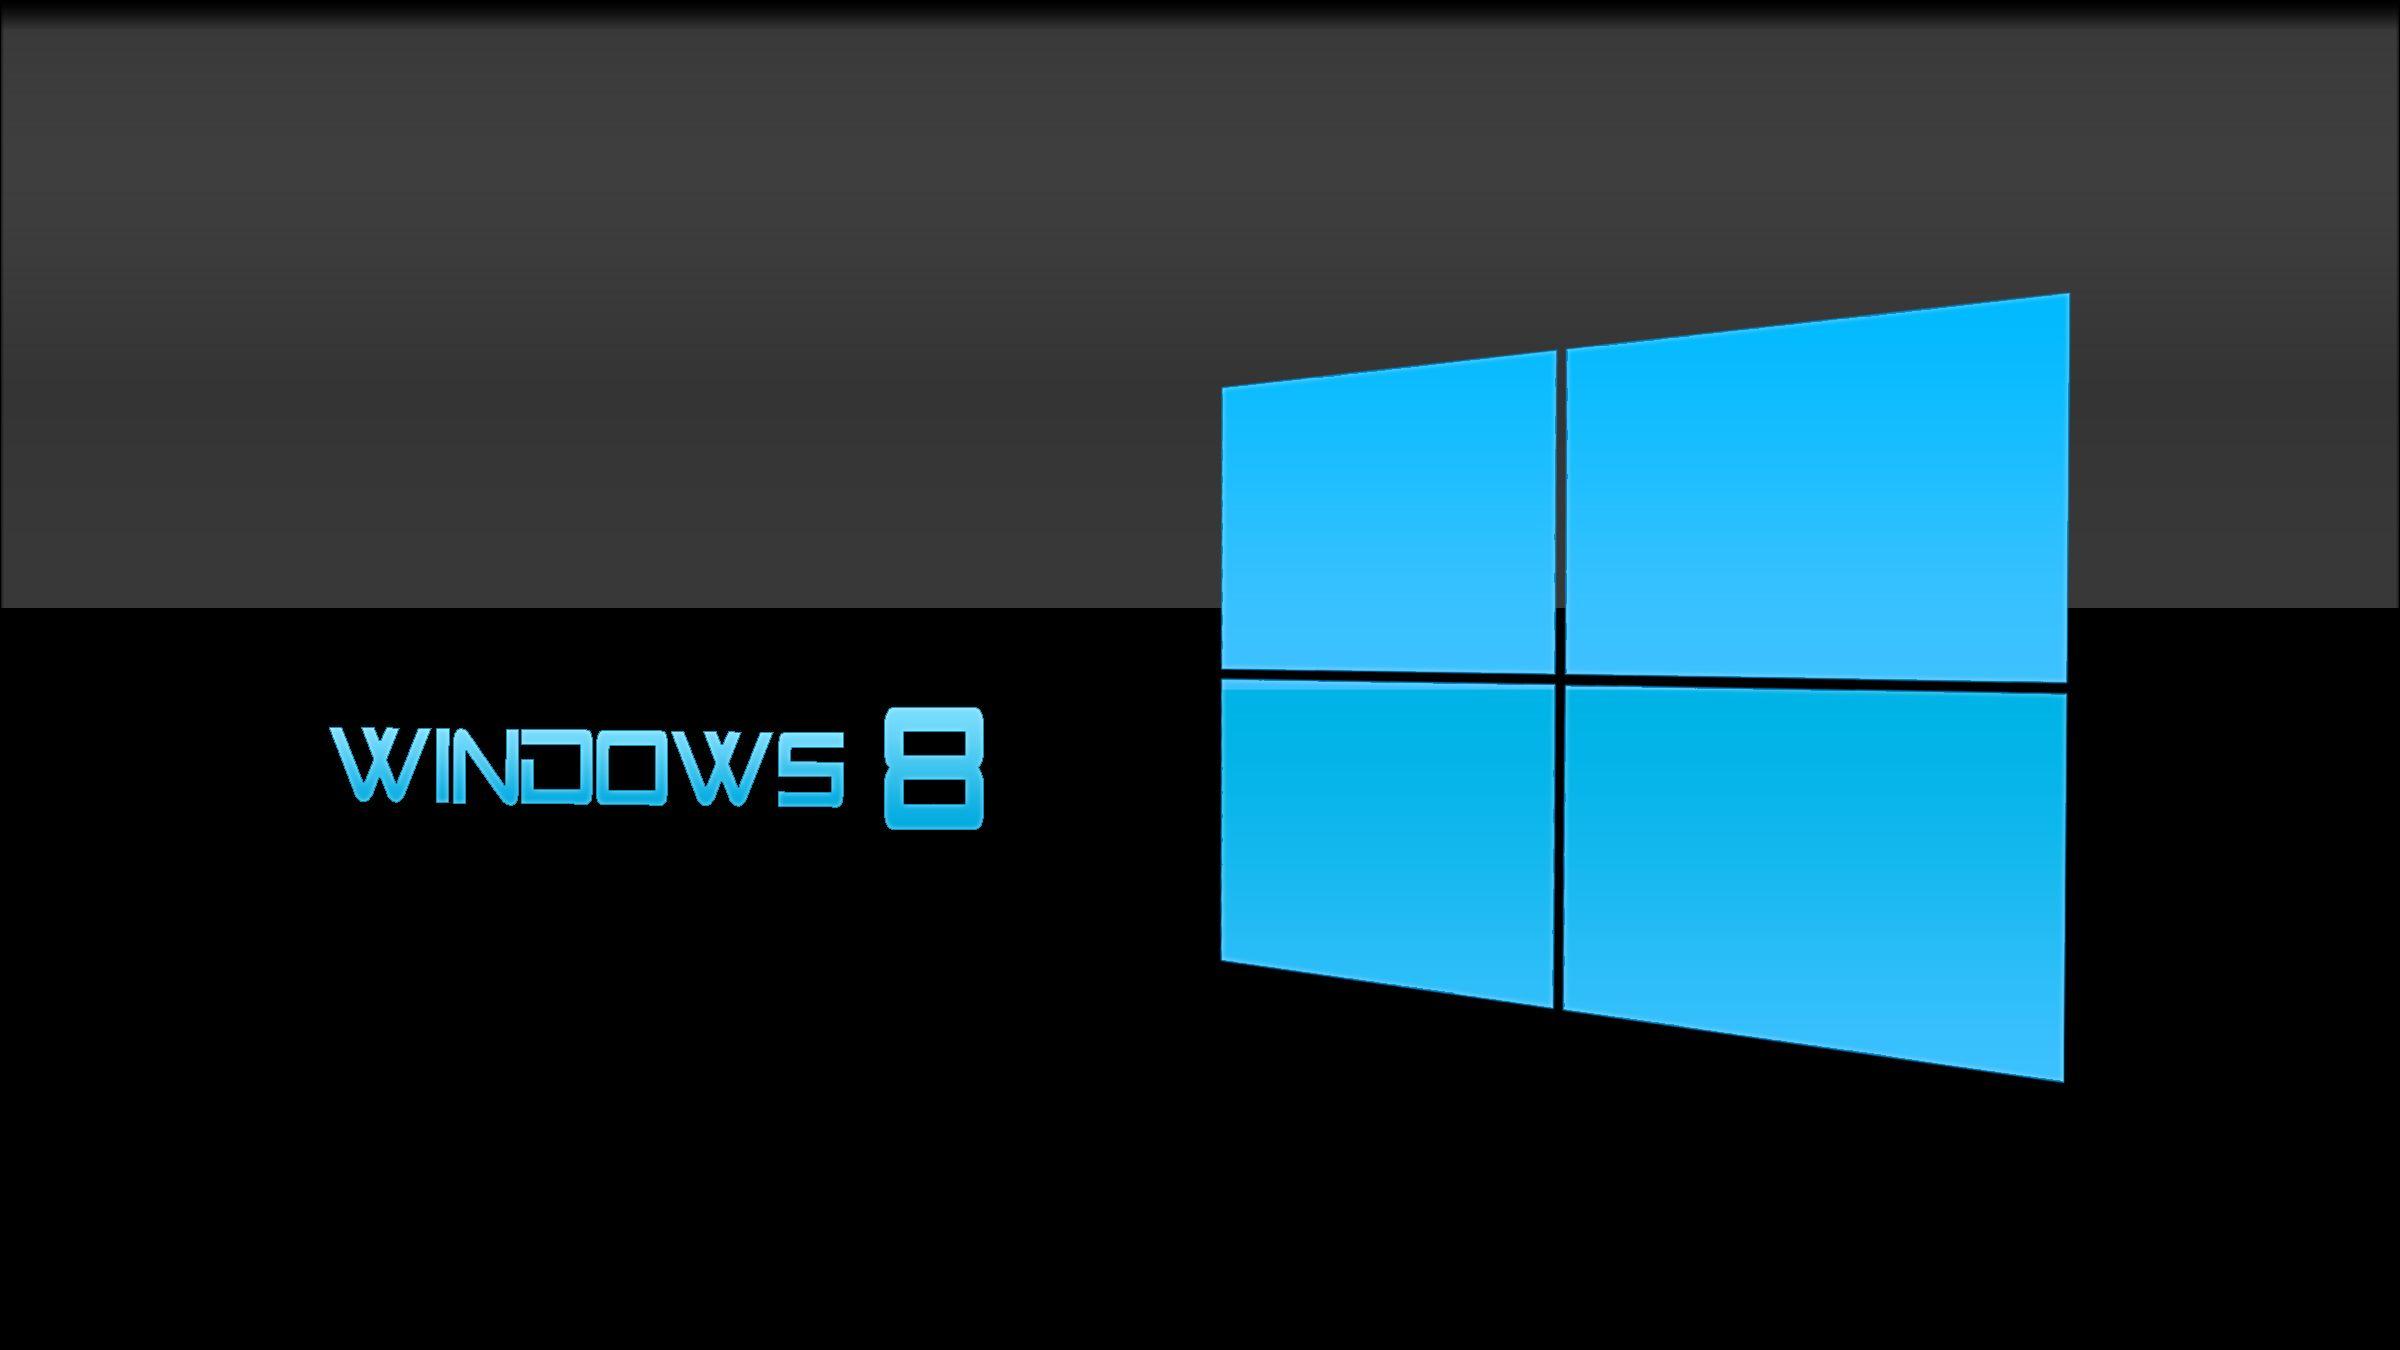 Windows 8 Fronzy1 Wallpapers Hd Free 296463 Windows Wallpaper Wallpaper Windows